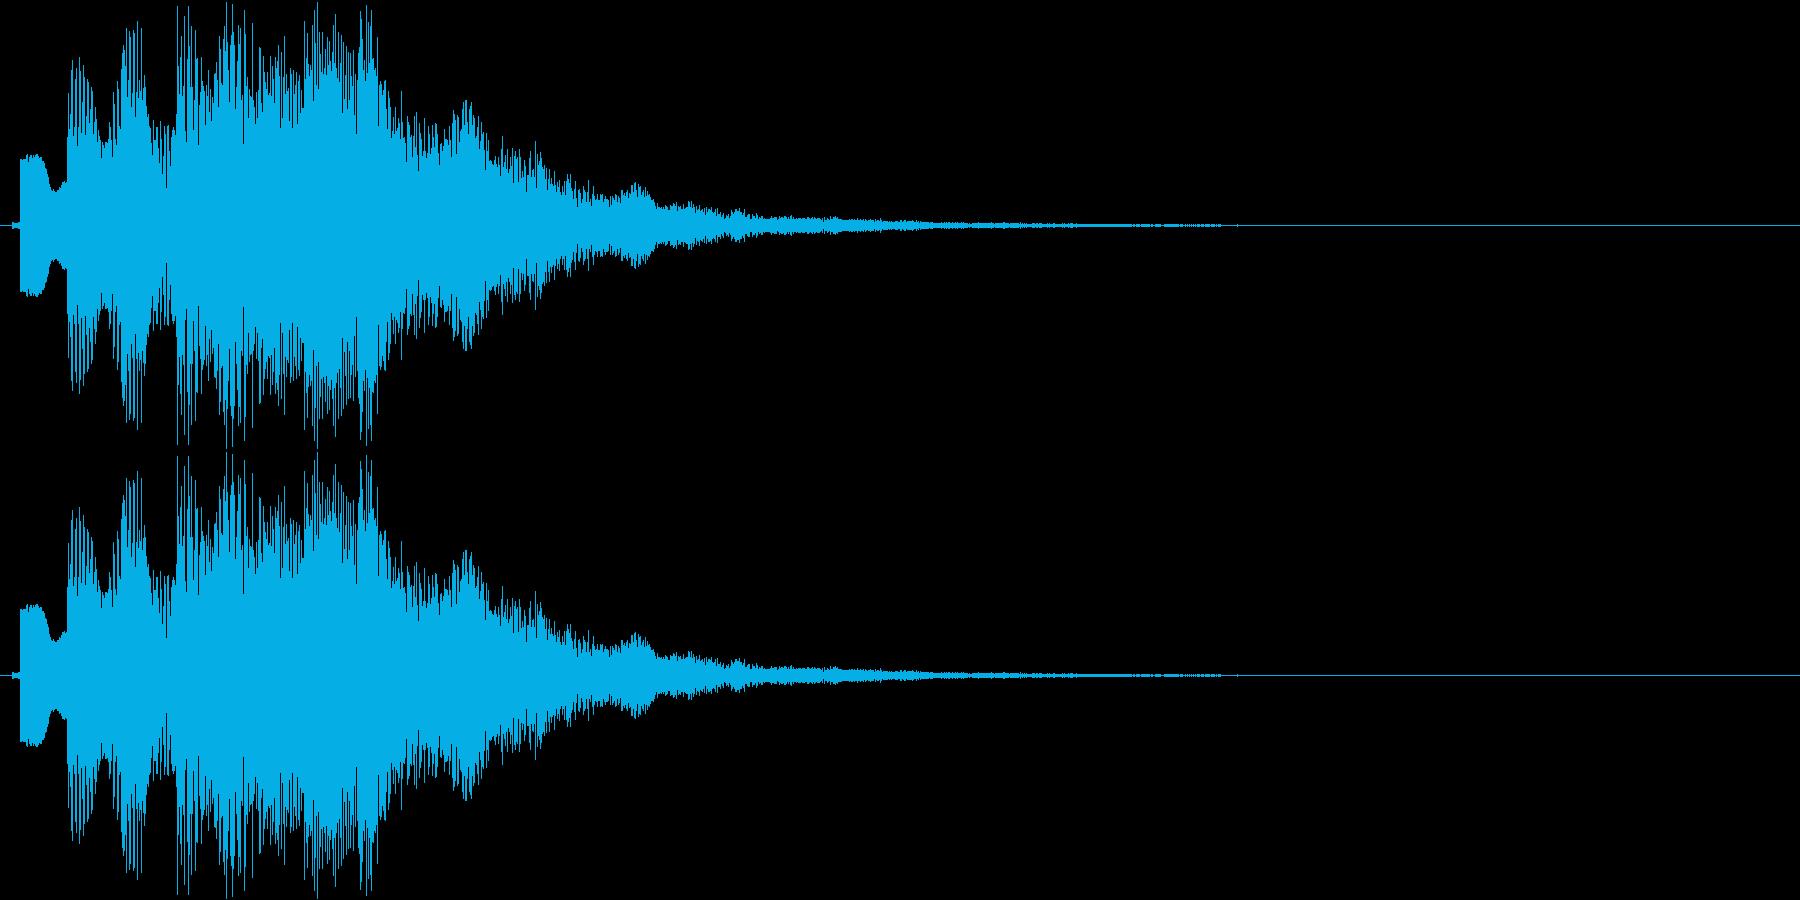 チャラララララン(場面転換、可愛い音)の再生済みの波形